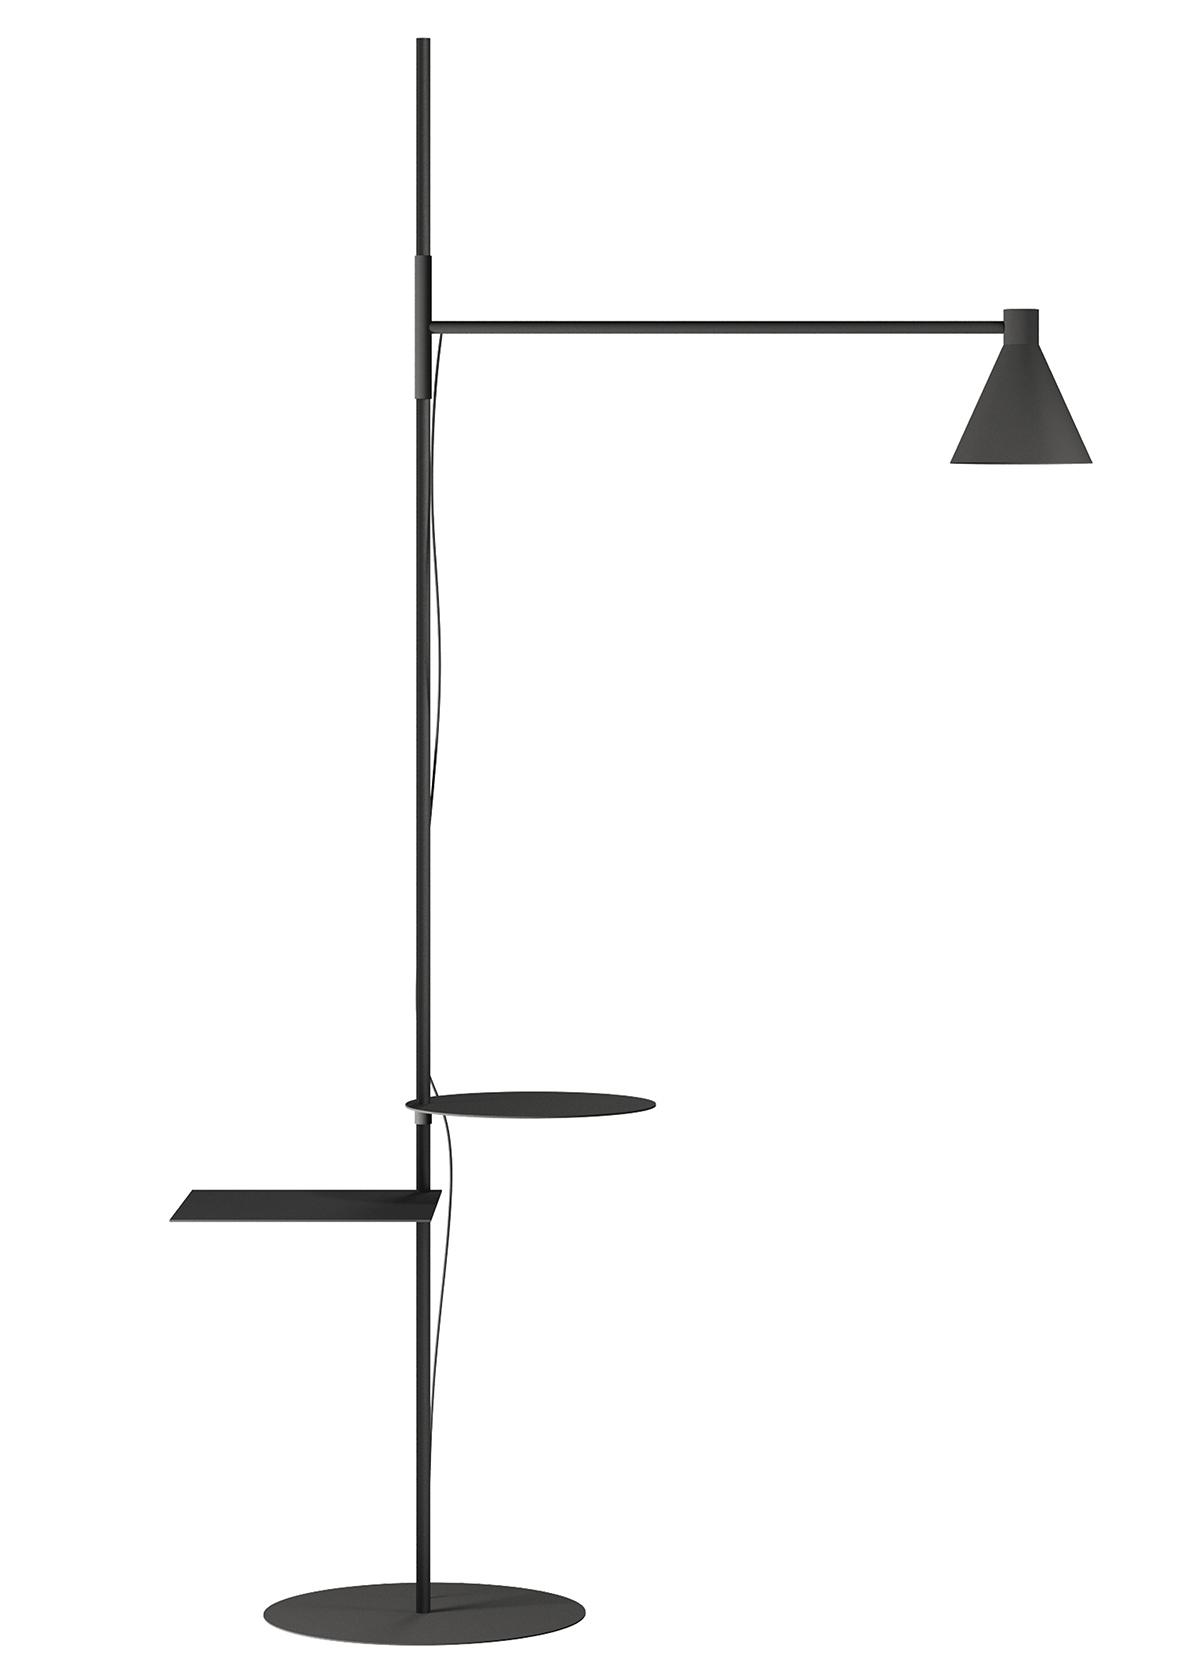 Nota lamp by e ossino for de padova at salone del mobile 2017 yellowtrace yellowtrace - Fiera del mobile padova ...